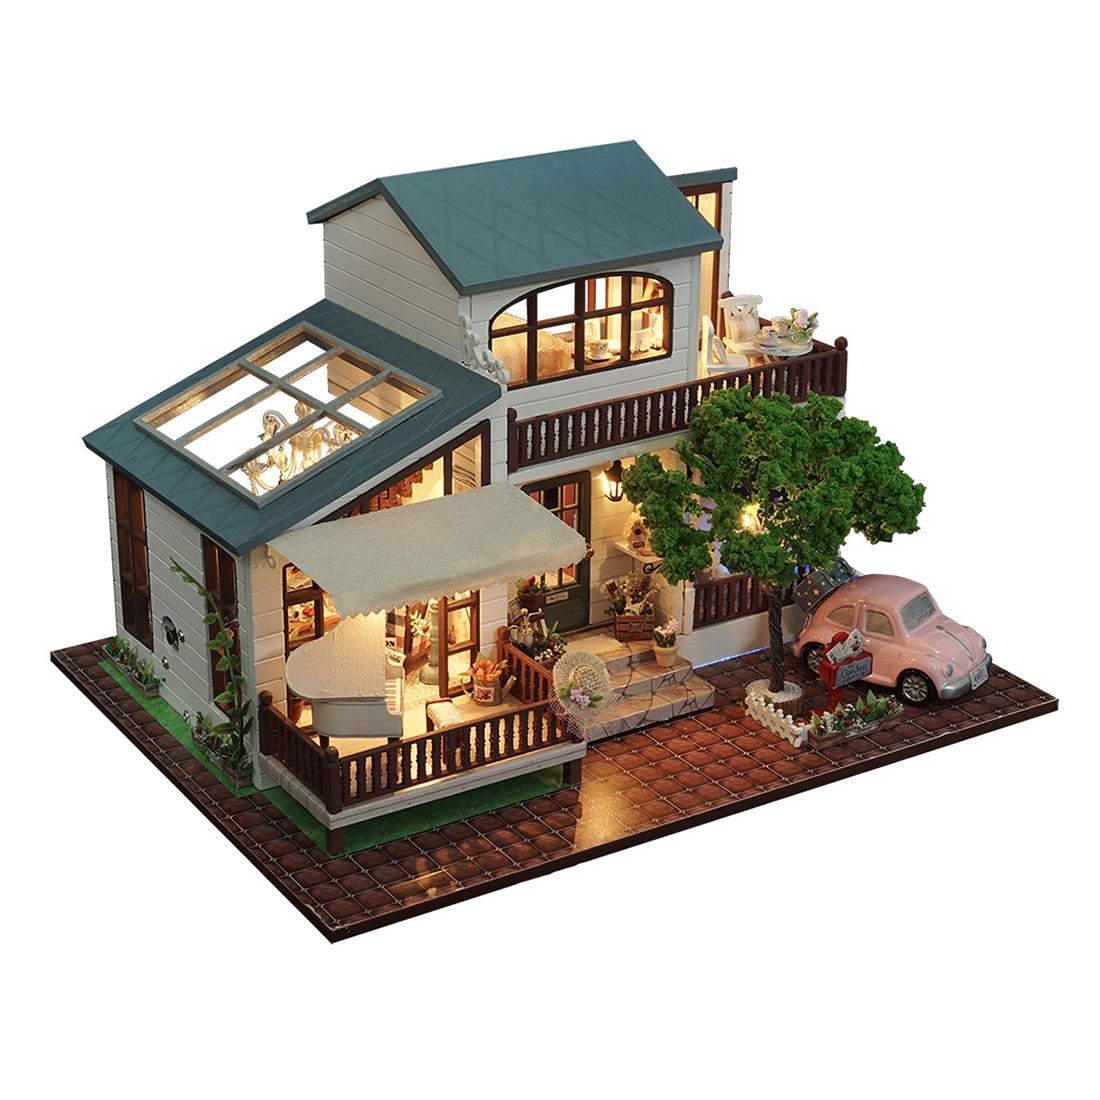 Oyuncaklar ve Hobi Ürünleri'ten Oyuncak Bebek Evleri'de Ahşap Diy Dollhouse Oyuncak Minyatür Kutusu Bulmaca Dollhouse Diy Kiti Bebek Evi Mobilya Londra Tatil Modeli Hediye Oyuncak Çocuklar Için'da  Grup 2